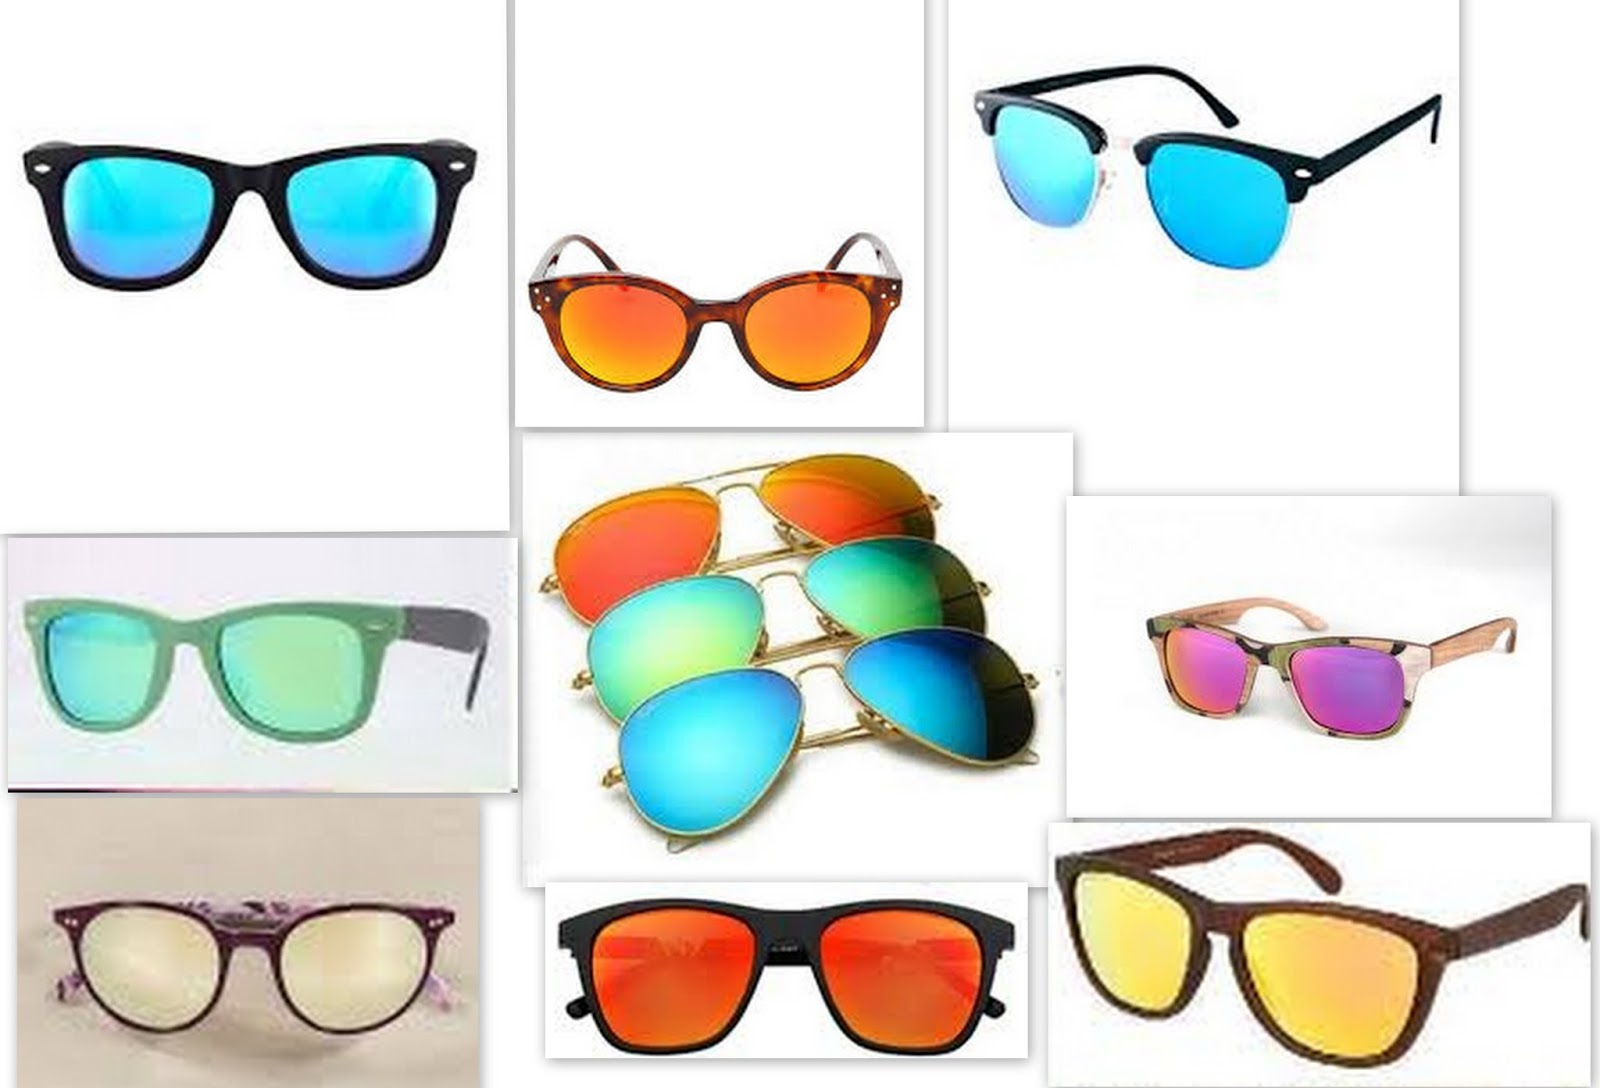 df0e6a3d89b39 Occhiali A Specchio Colorati Oakley